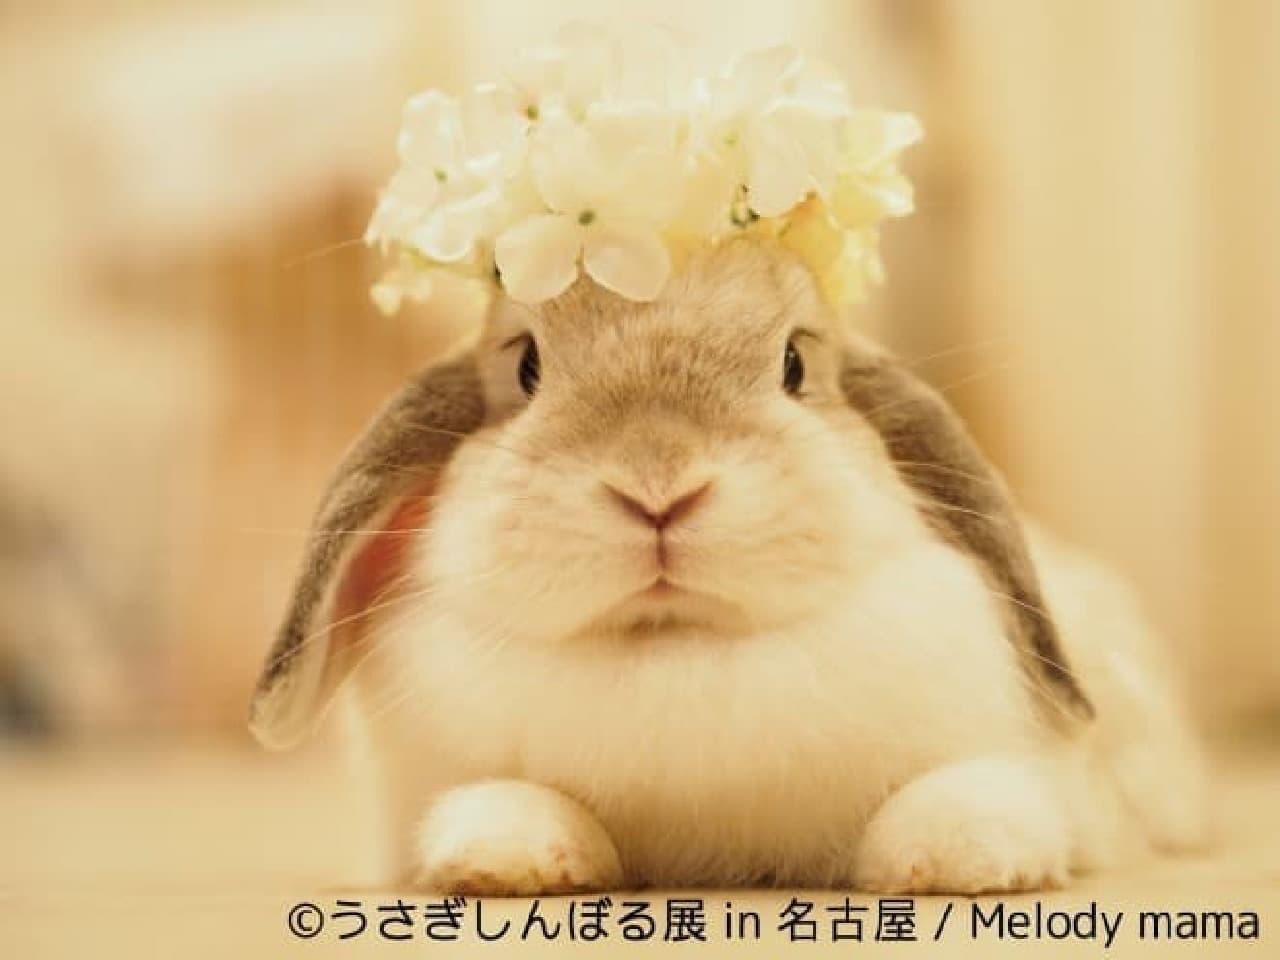 Melody mamaさんによるウサギ作品